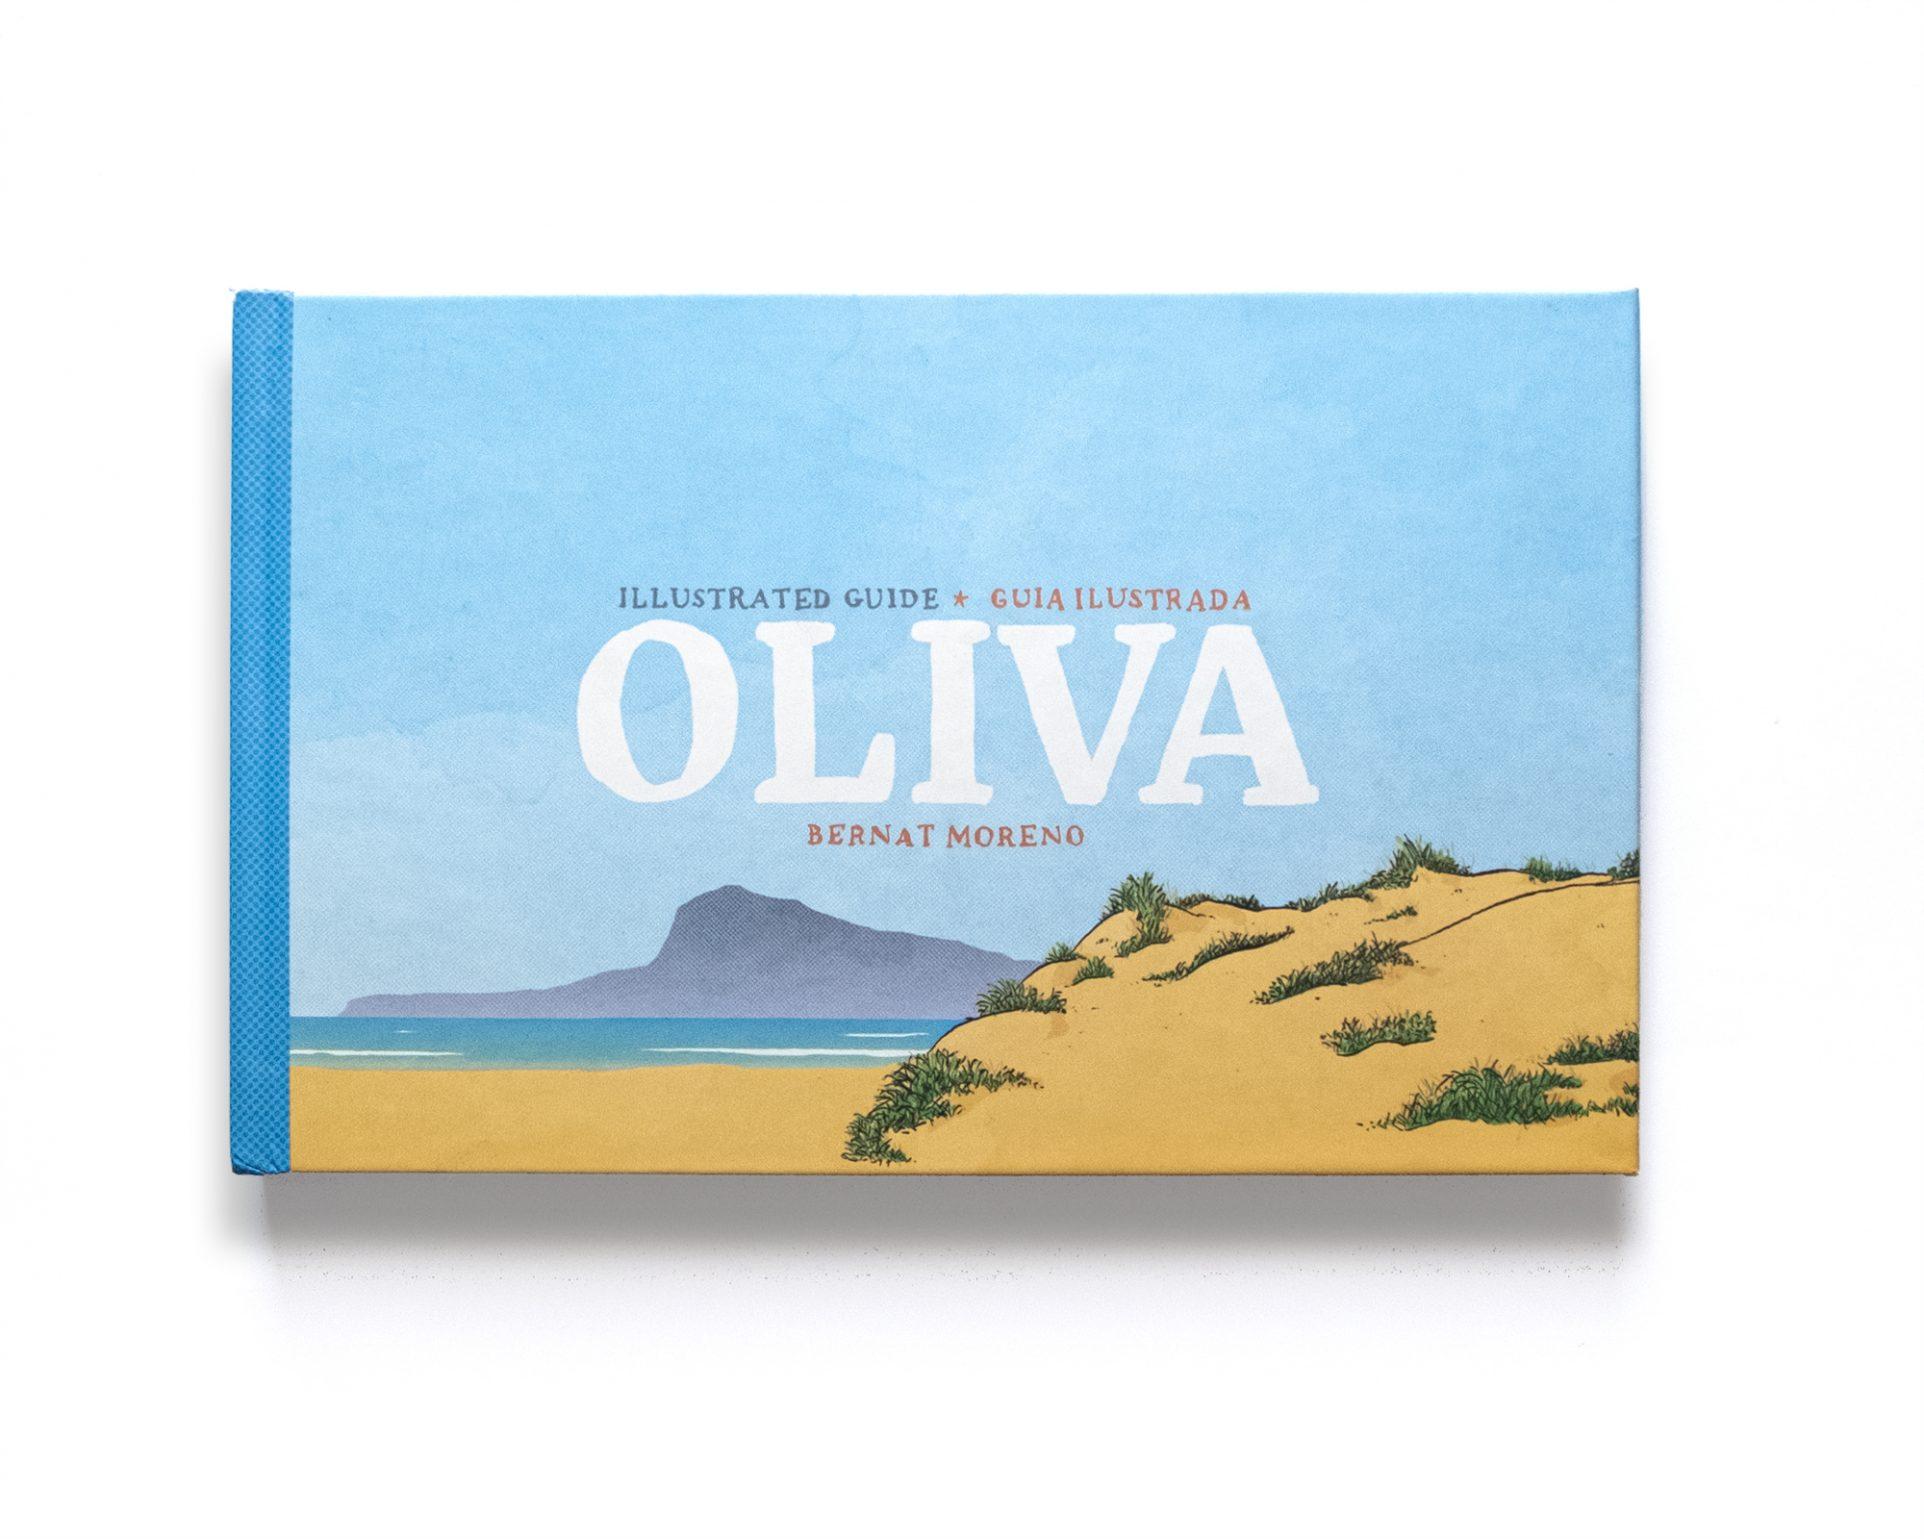 Portada del libro de ilustraciones de Oliva, provincia de valencia. Acuarelas, urban sketchers, playa de Oliva.